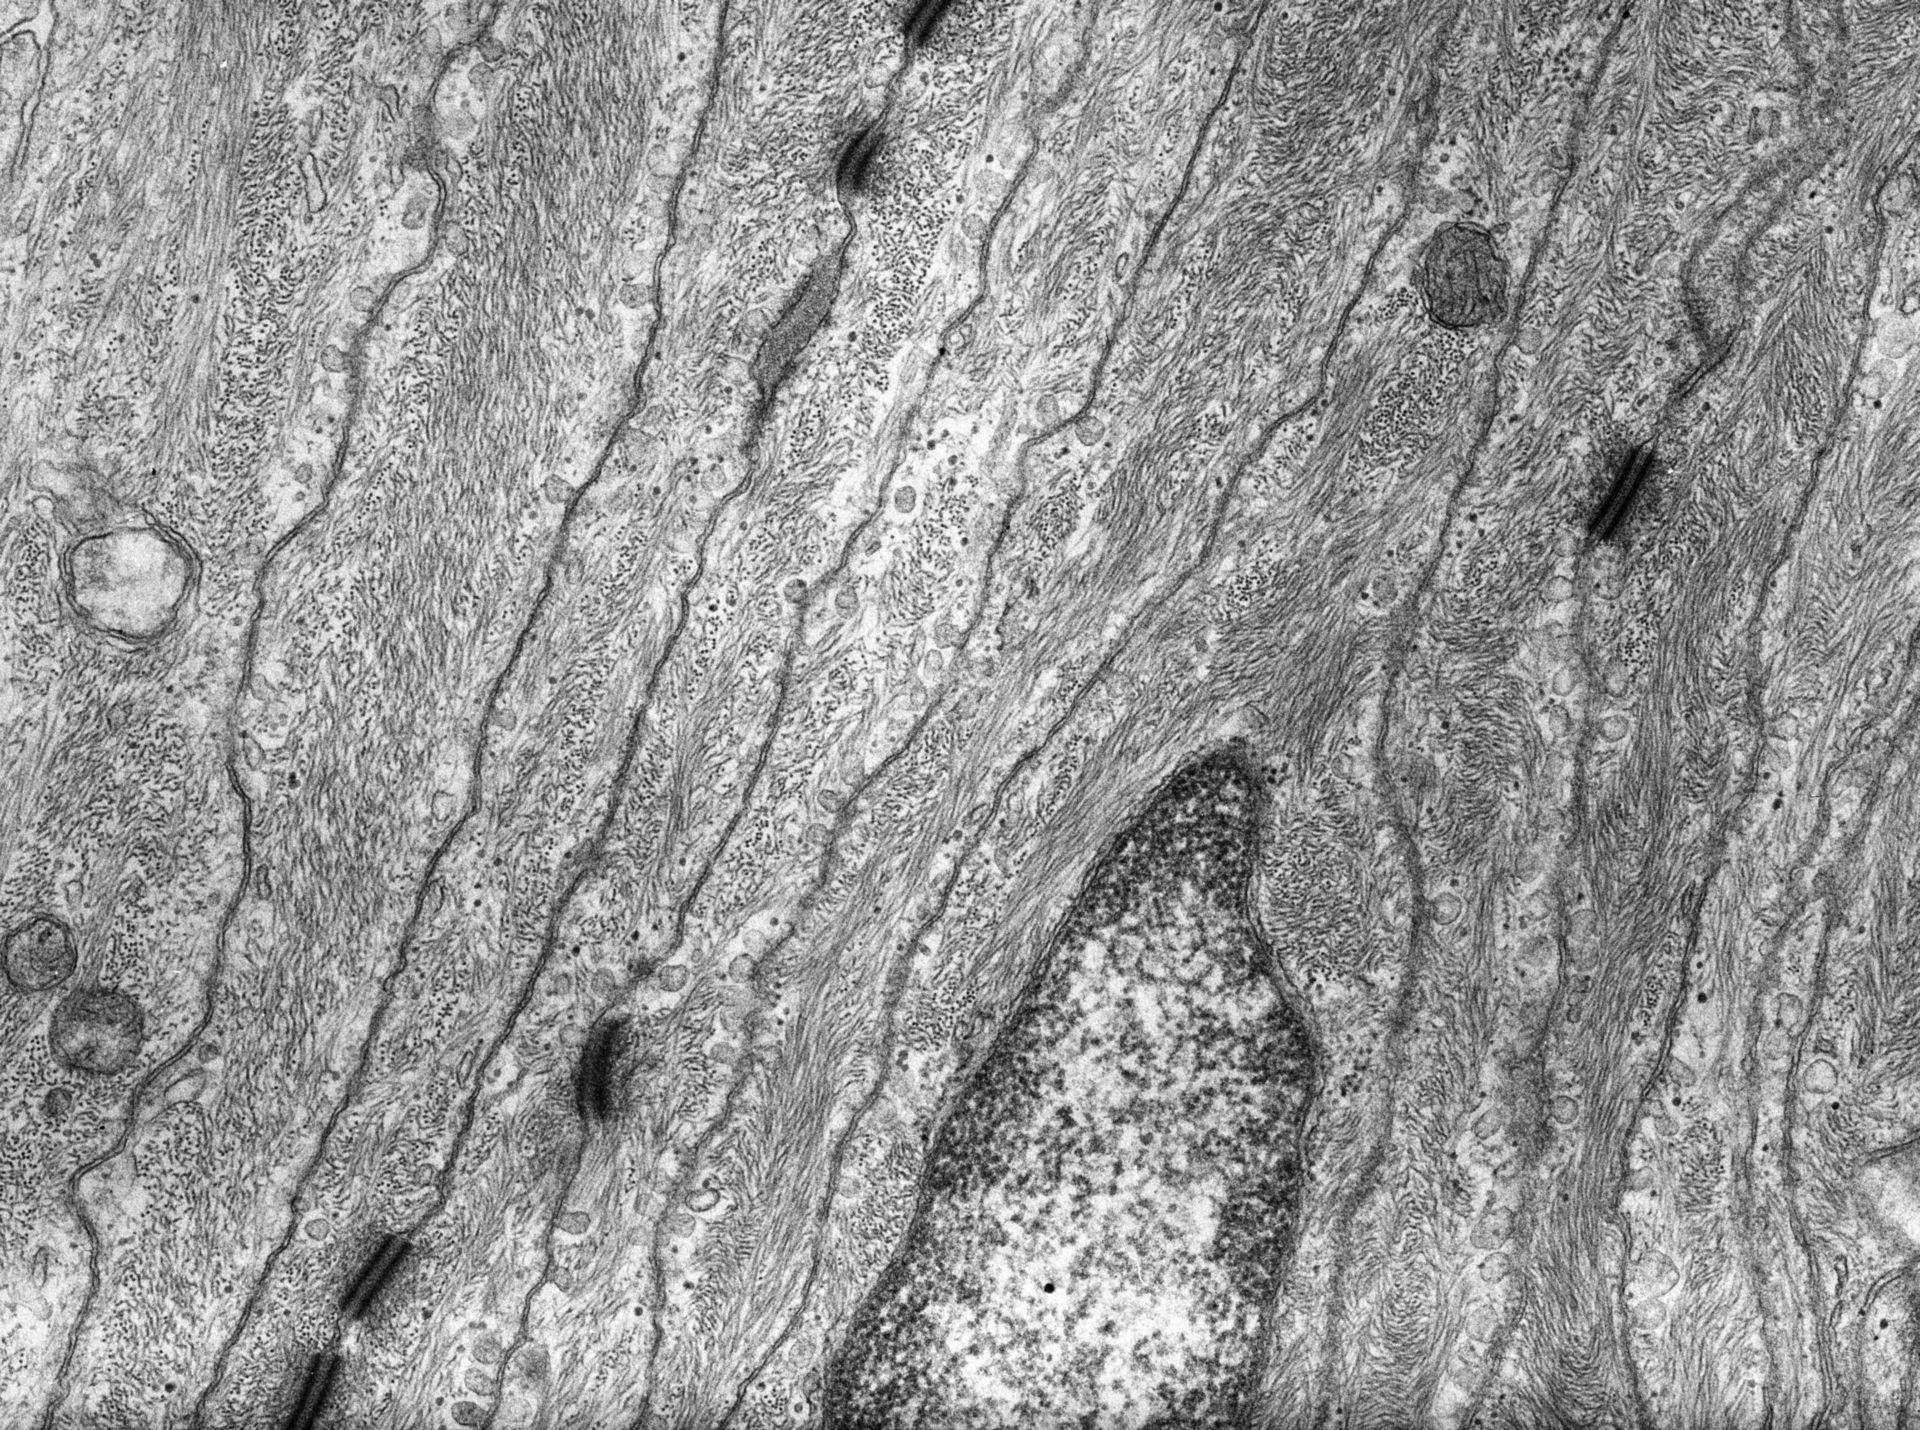 Rana catesbeiana (membrana plasmatica) - CIL:10052